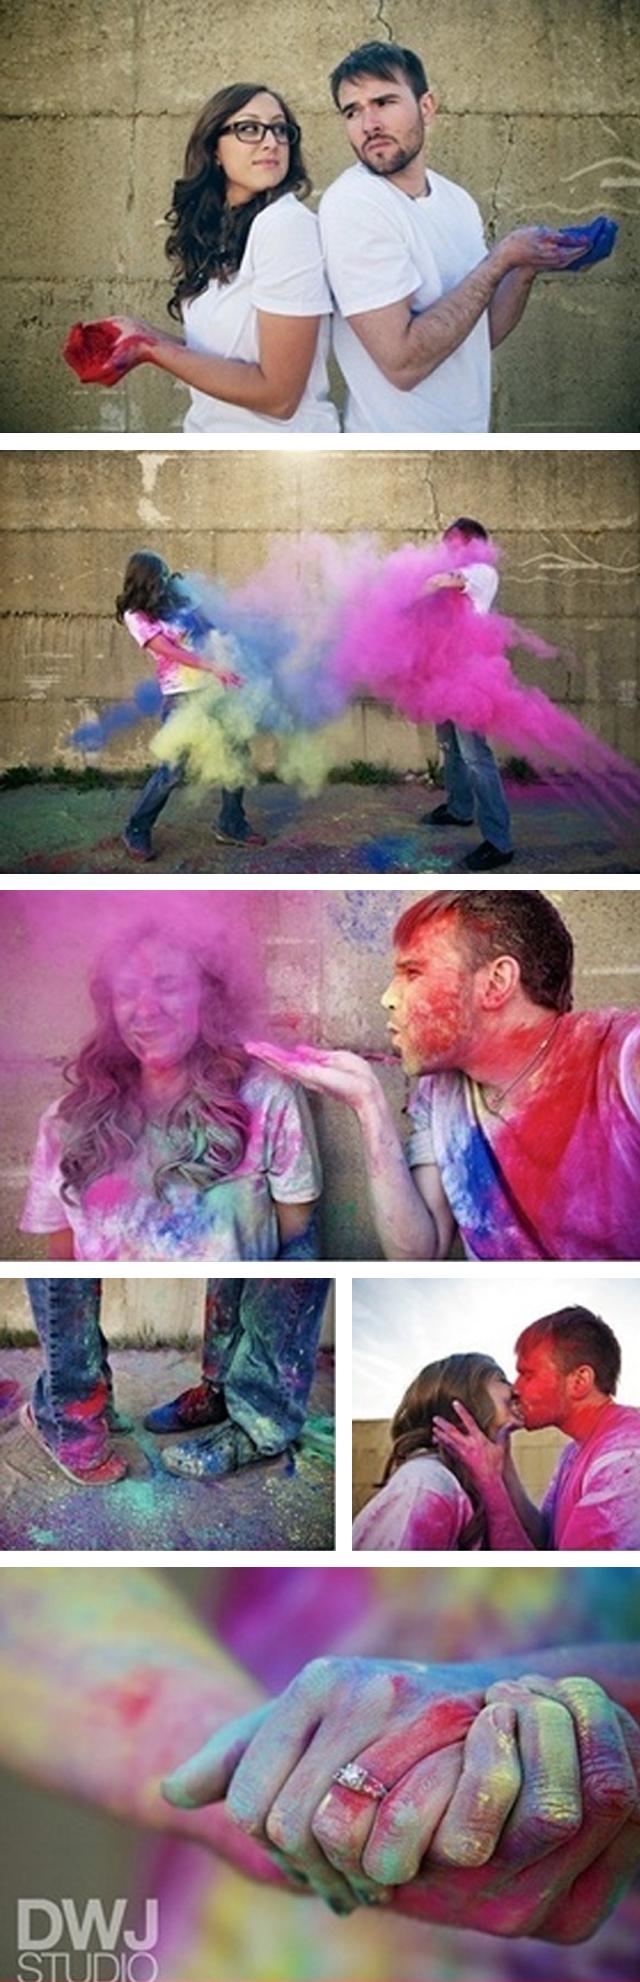 engagement shoot ideas creative cute fun want that